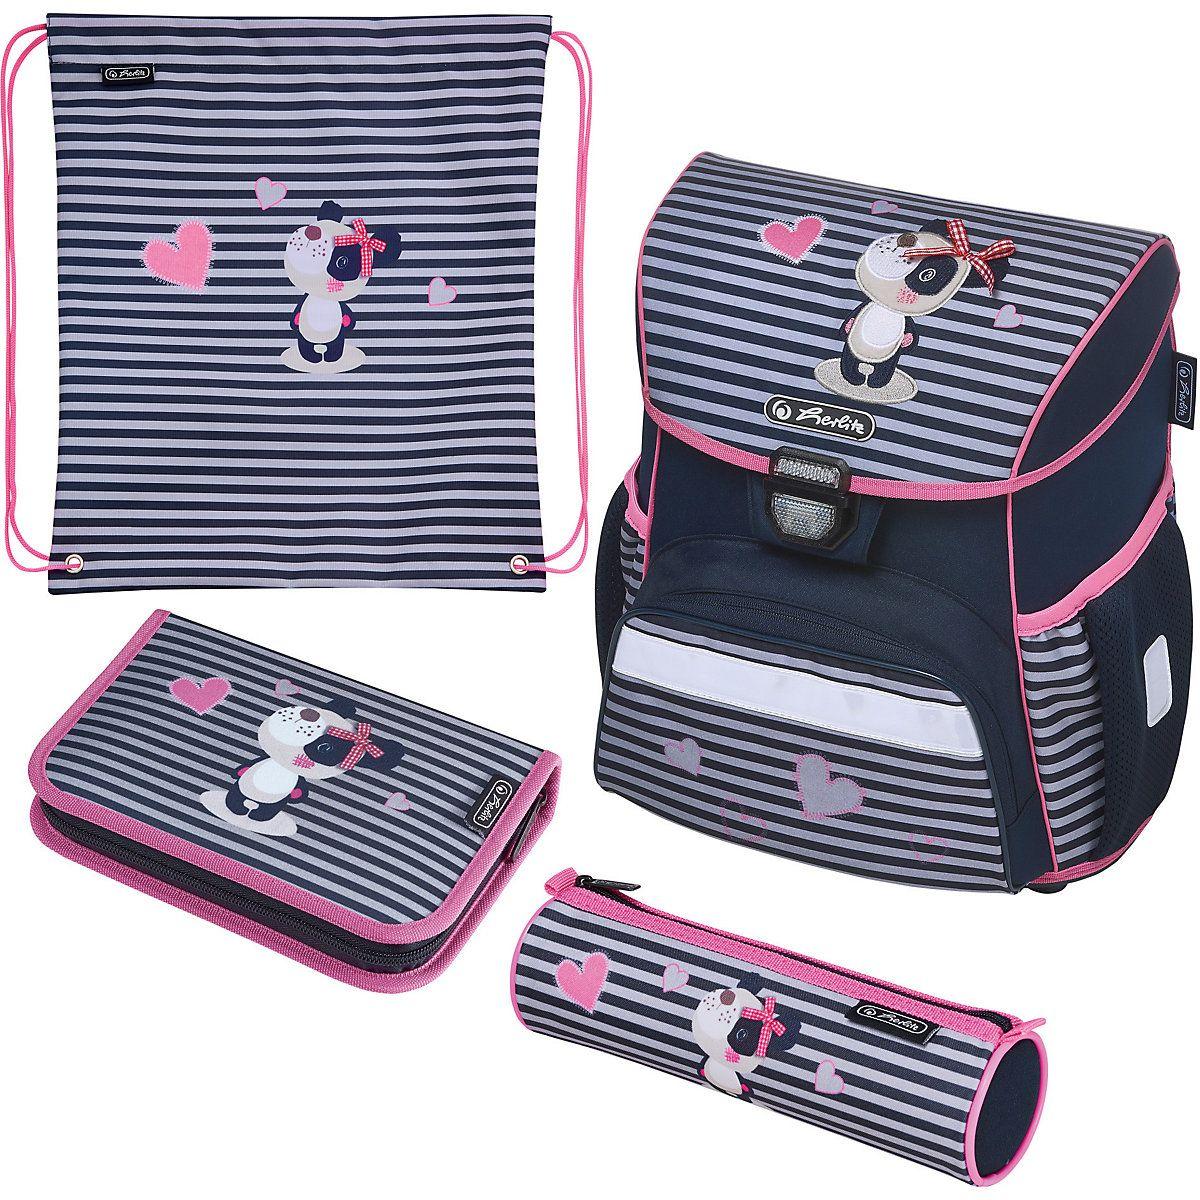 Schule Taschen HERLITZ 10992549 schul rucksack orthopädische tasche für jungen und mädchen tiere blumen